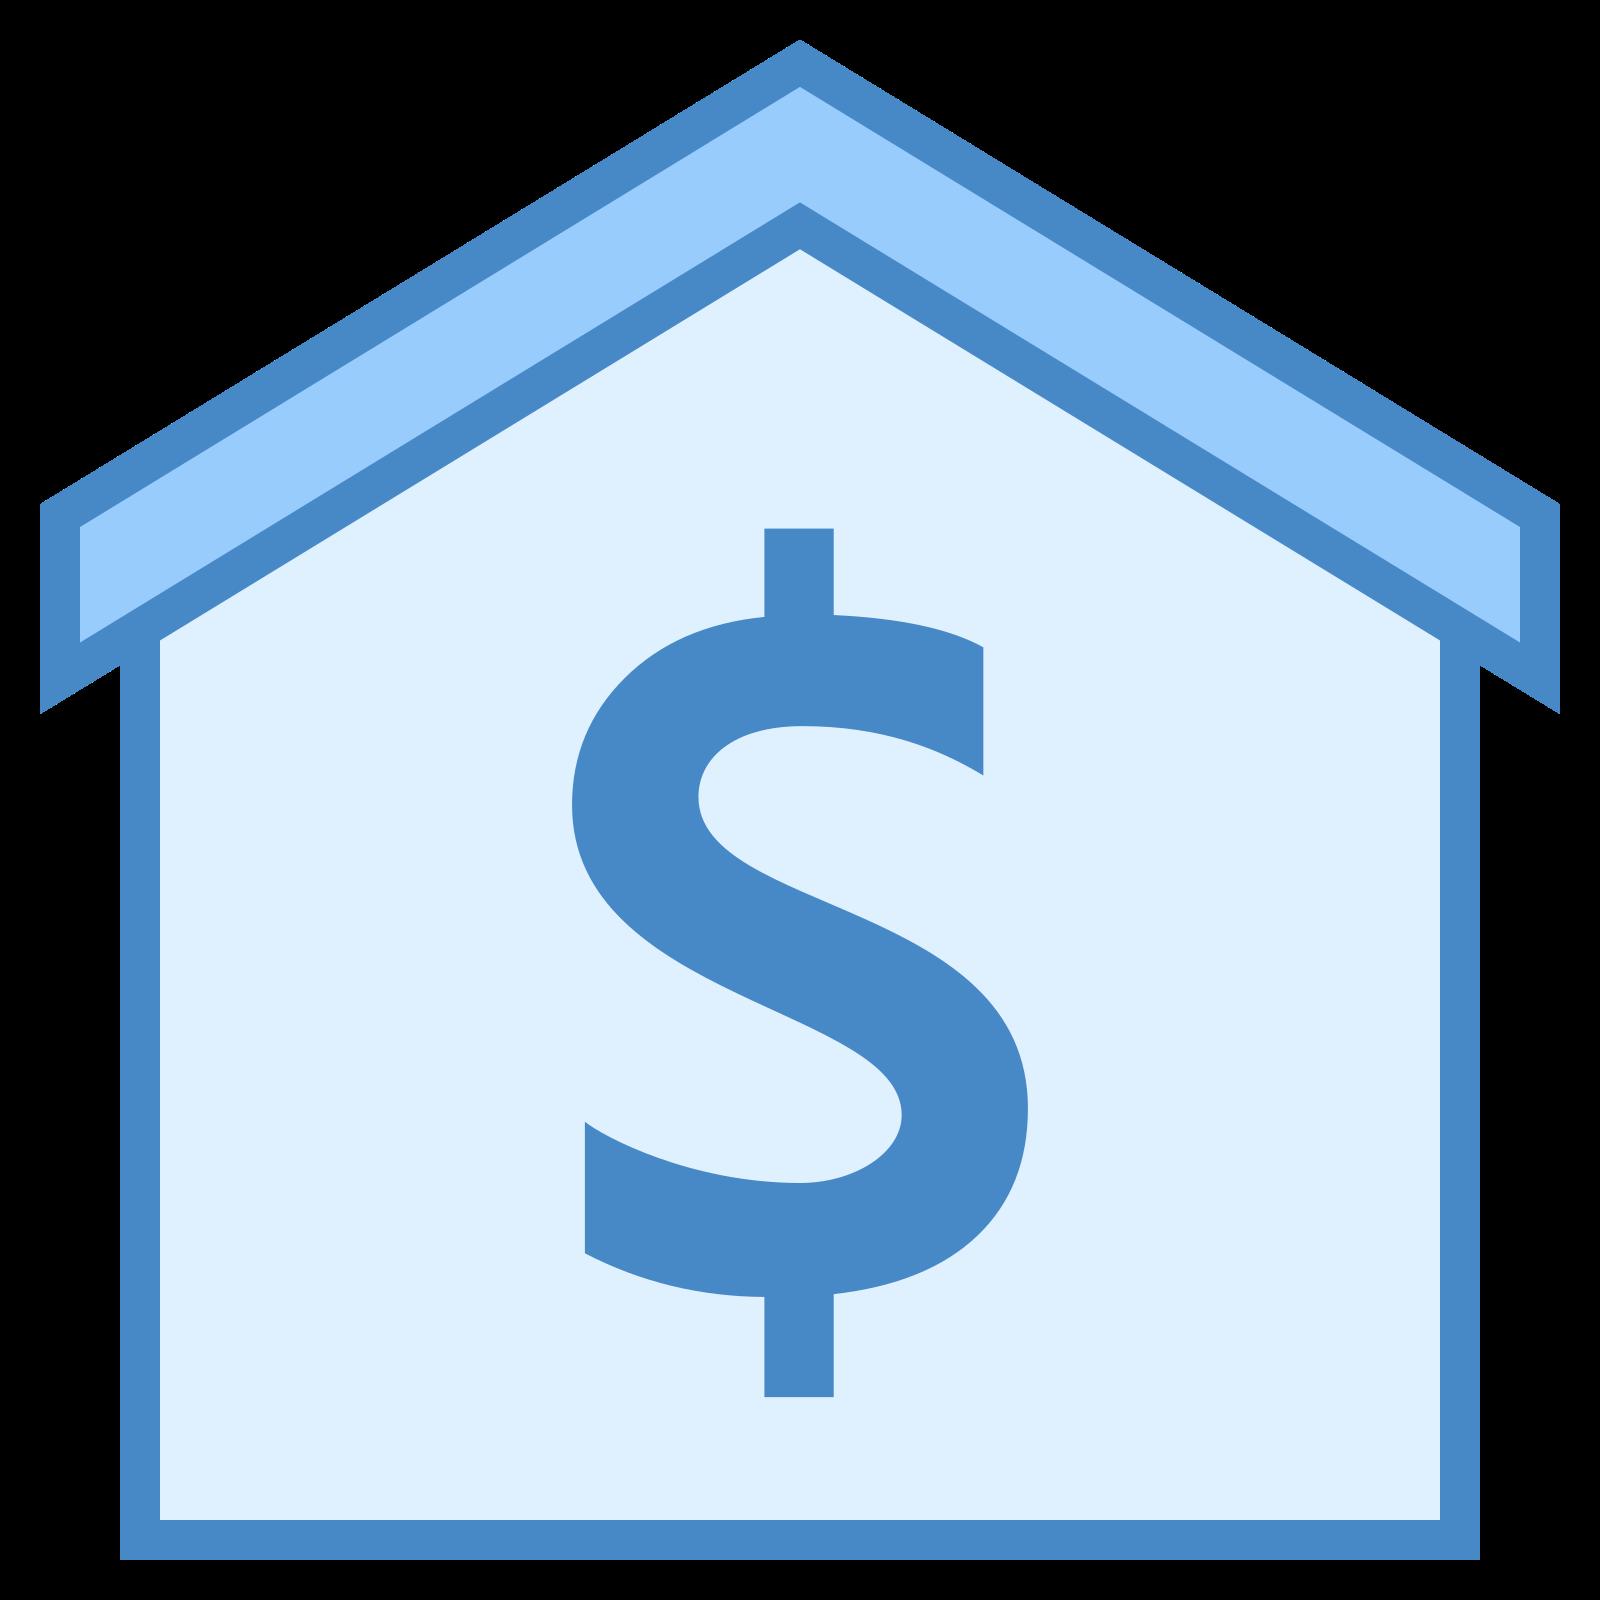 出售财产 icon. This is a picture of a house with a thin roof. you cannot see windows or a door, but a dollar sign in the center of the house. the roof of the house is pointed upwards.